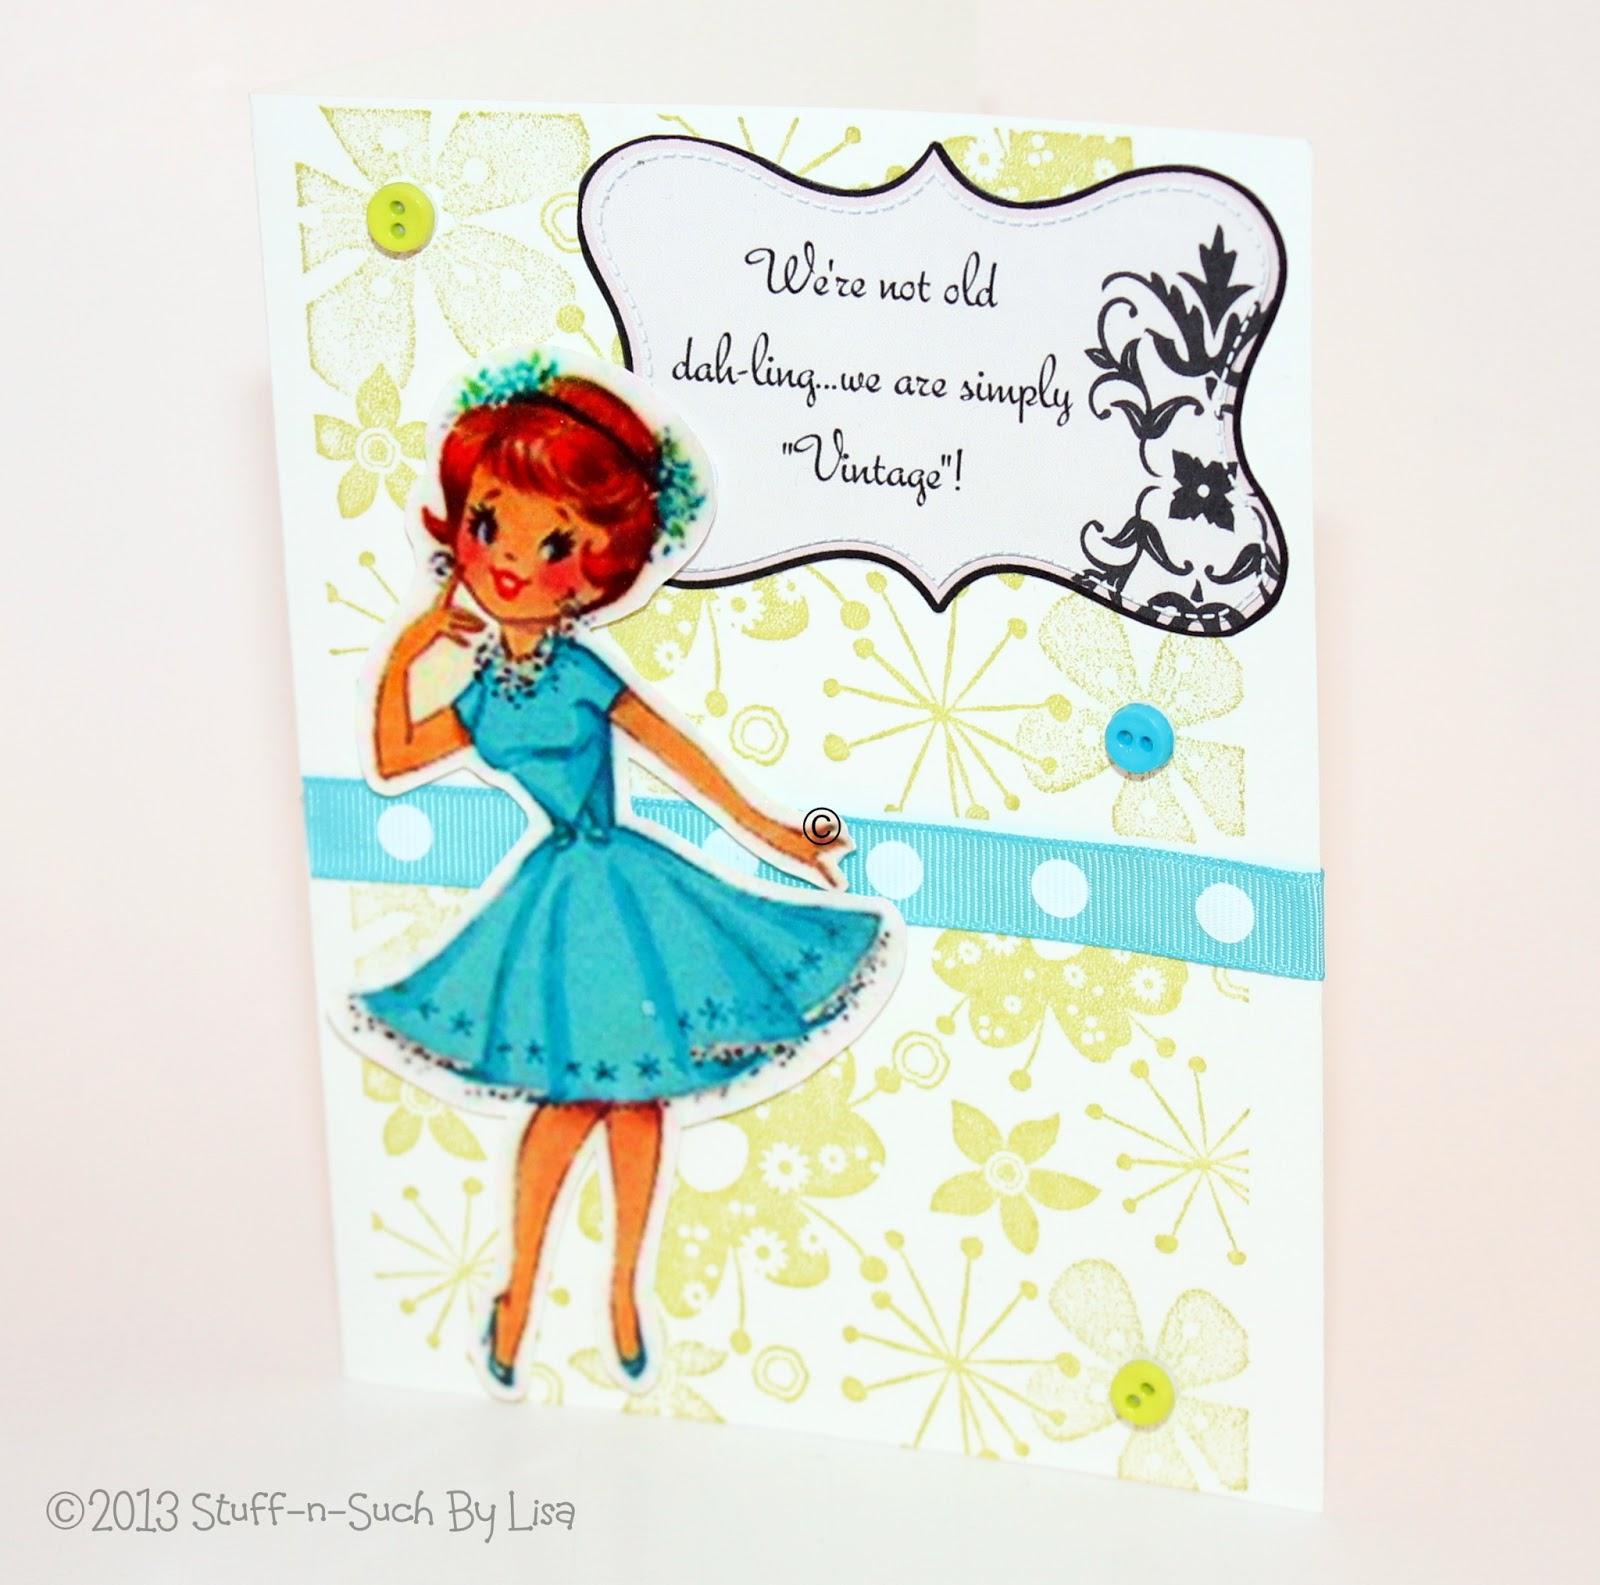 Stuff n Such By Lisa Vintage Lady Birthday Card